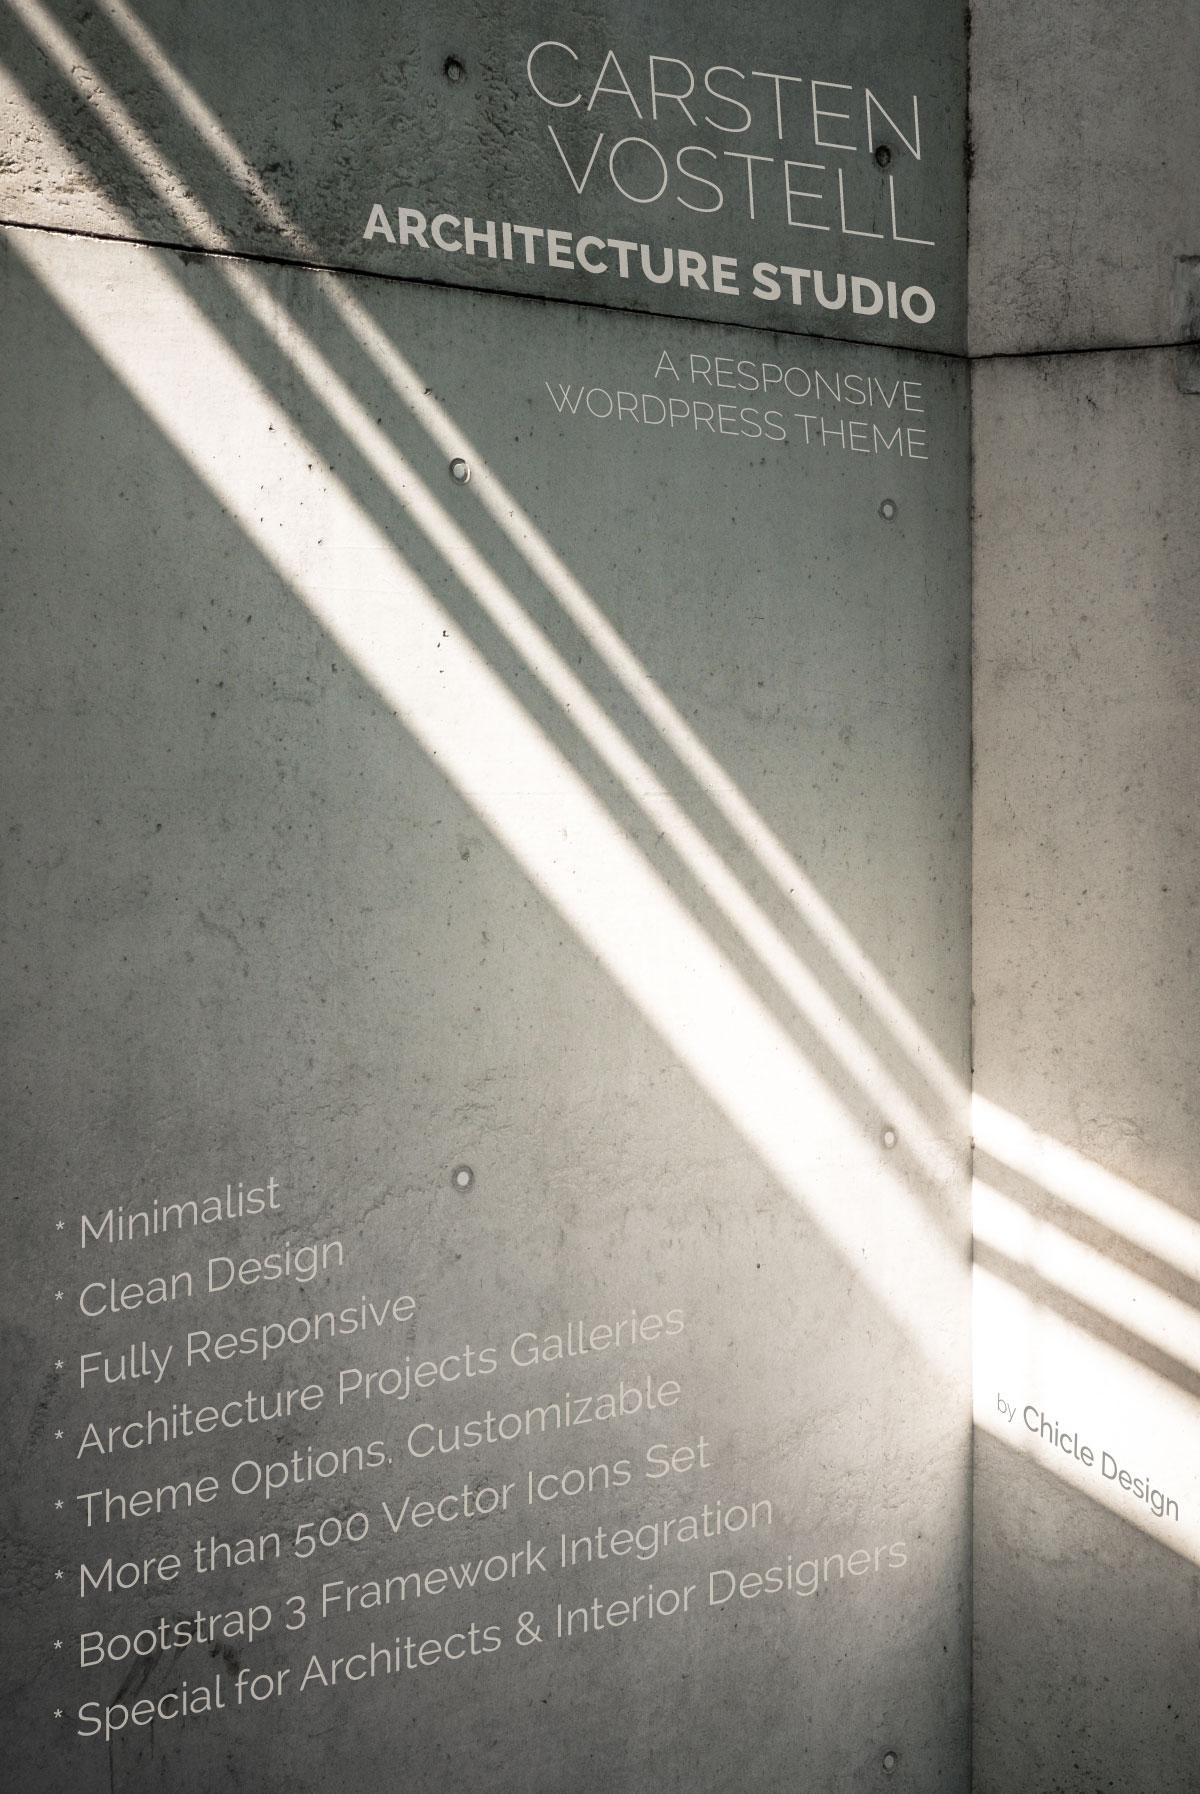 Carsten Vostell Architecture Studio WordPress Theme